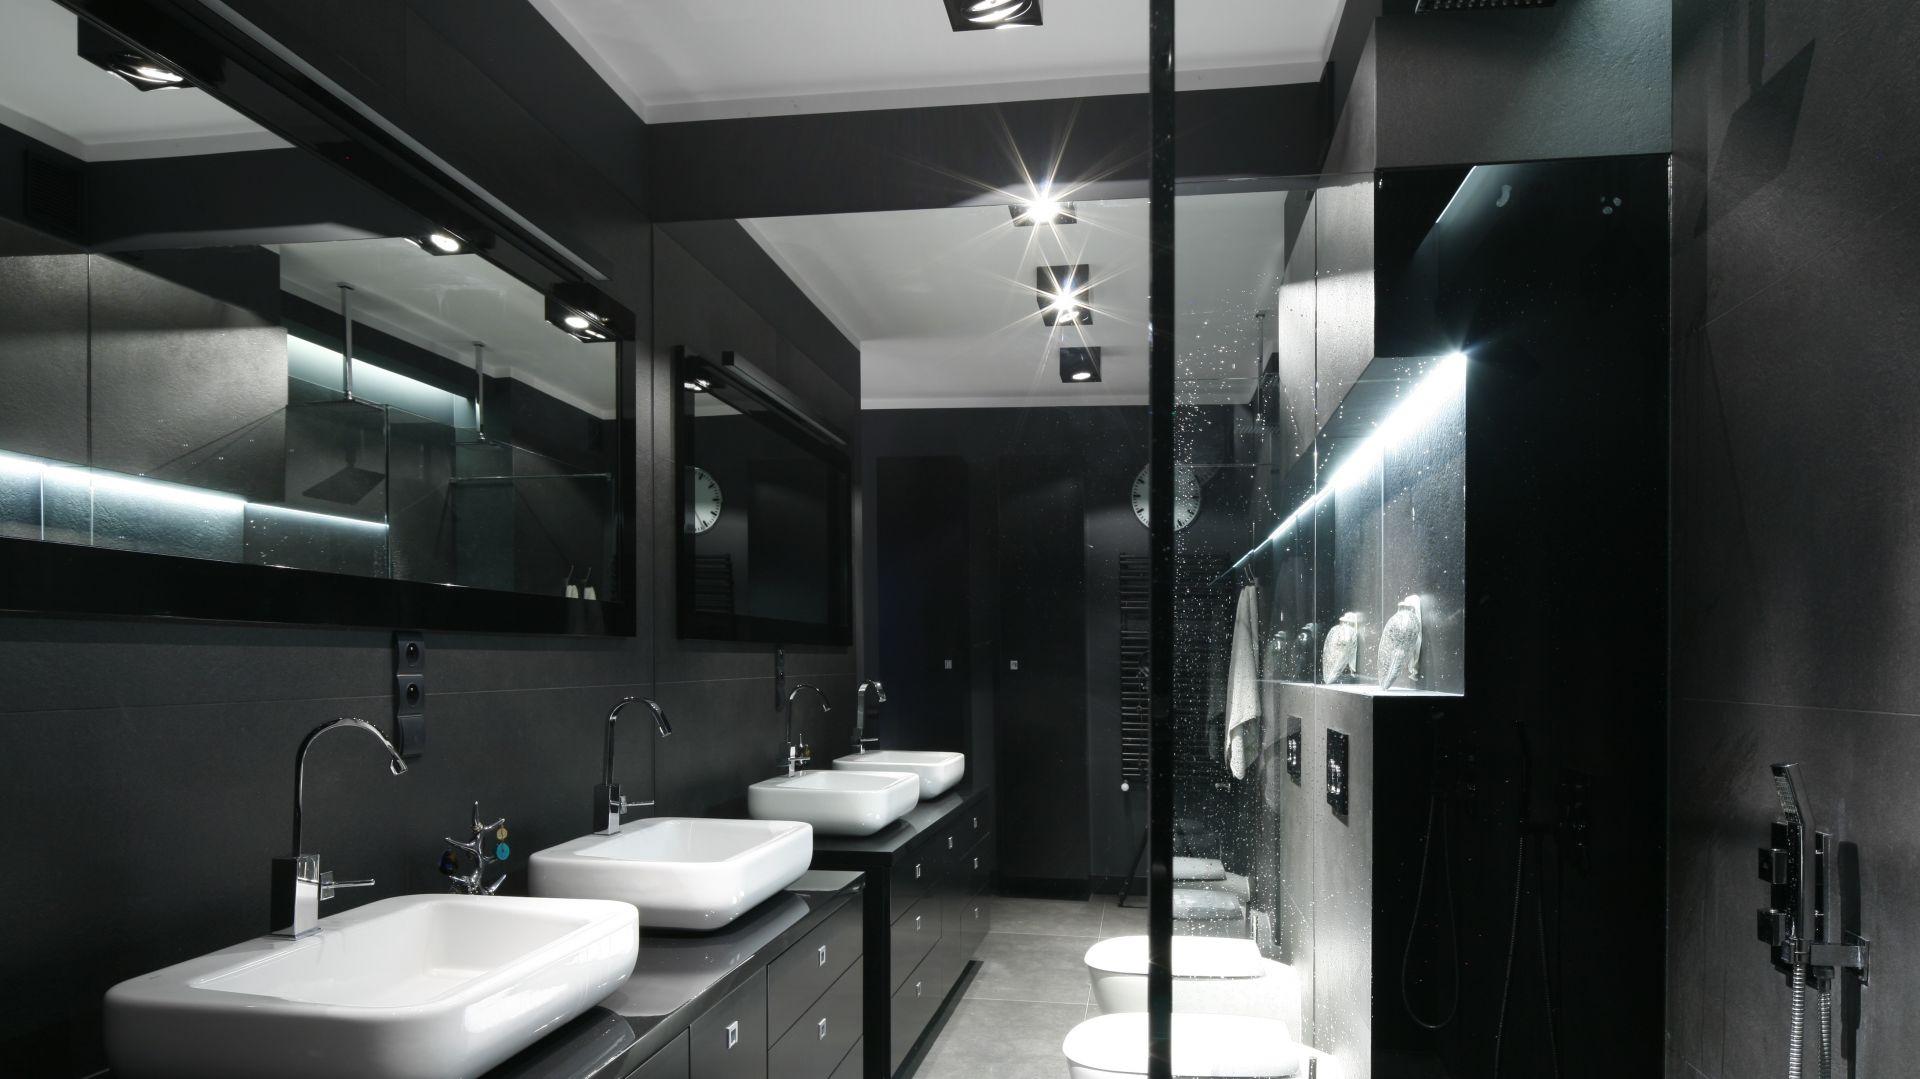 Lustro na ścianie w szczycie łazienki sprawi, że pomieszczenie optycznie będzie wydawało się znacznie większe. Projekt Maciejka Peszyńska-Drews. Fot. Bartosz Jarosz